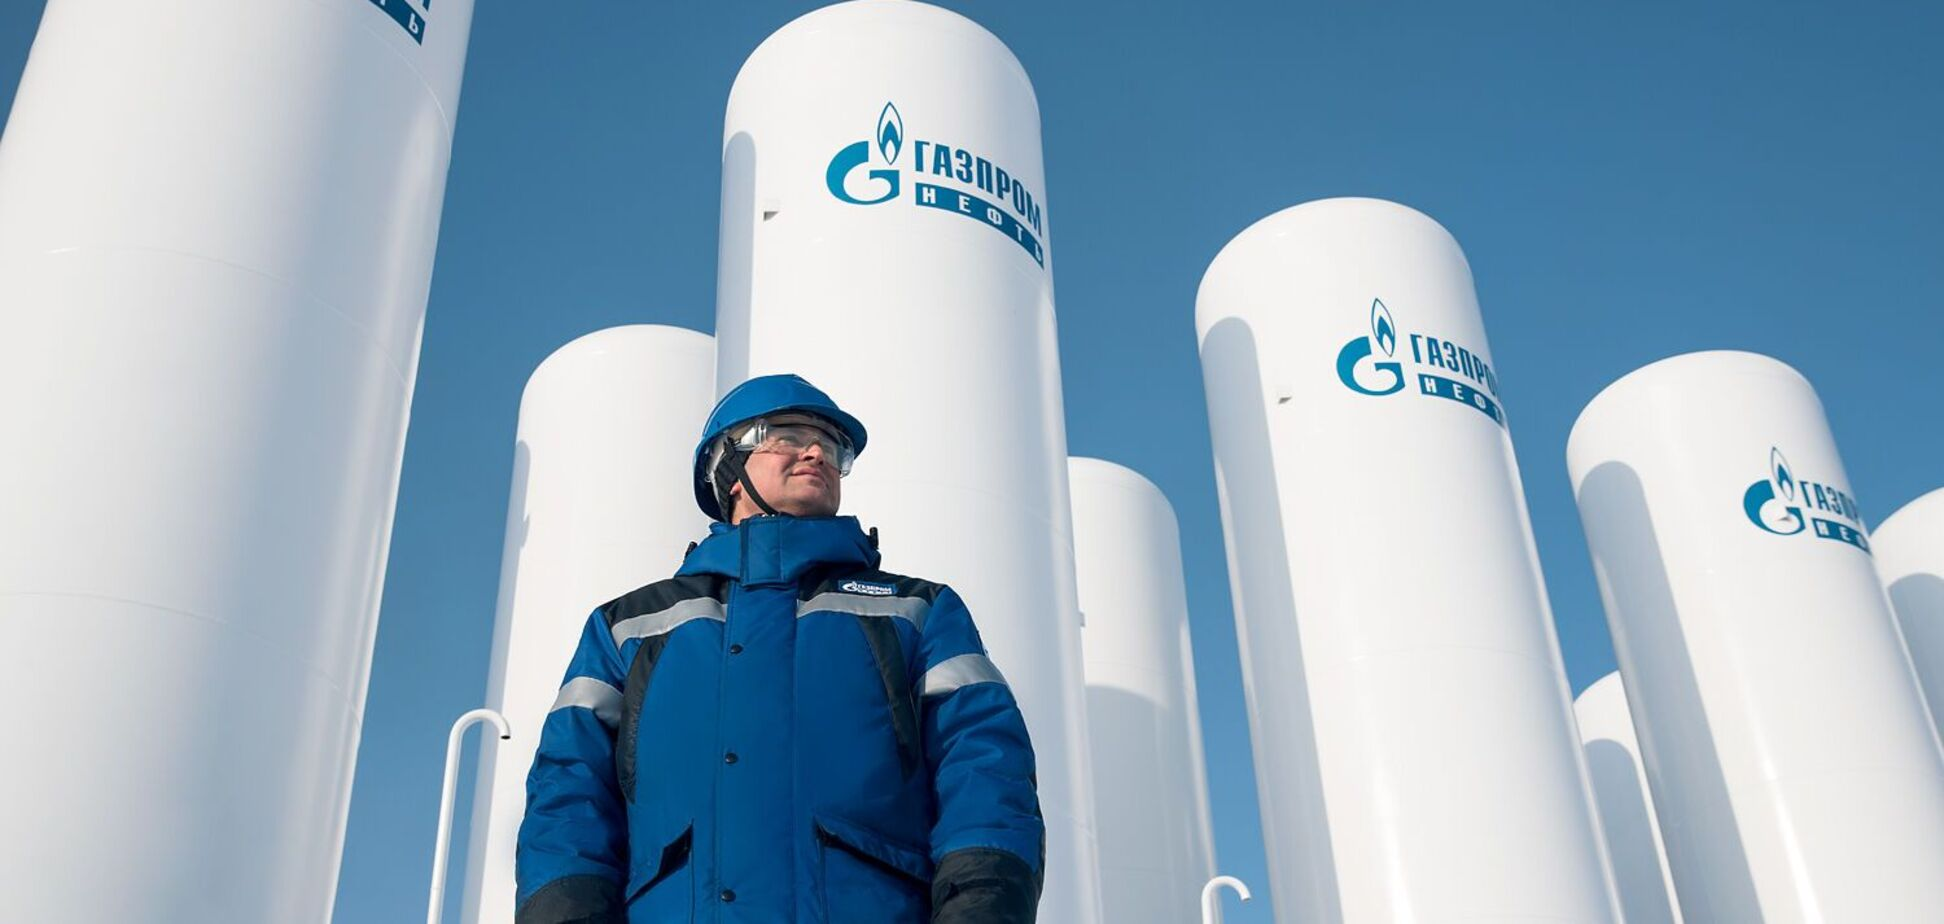 Європа купила у Росії рекордний за три роки обсяг газу